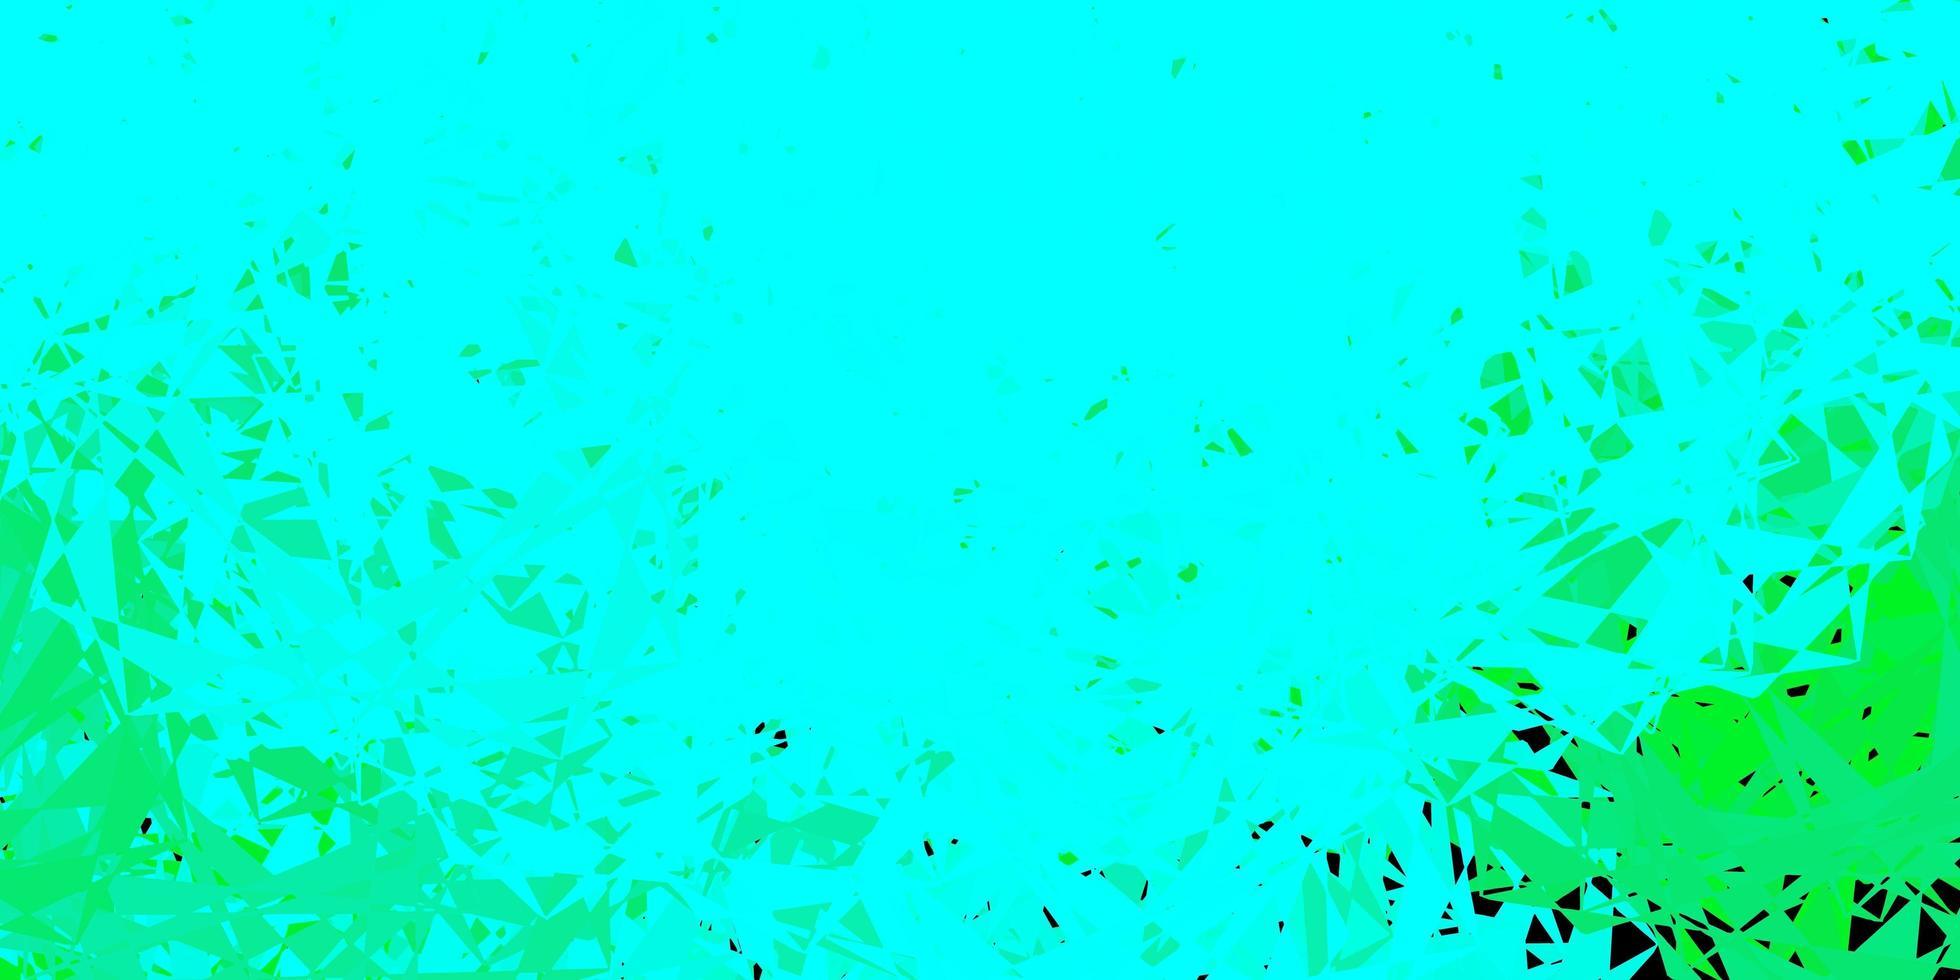 sfondo vettoriale verde chiaro con triangoli, linee.